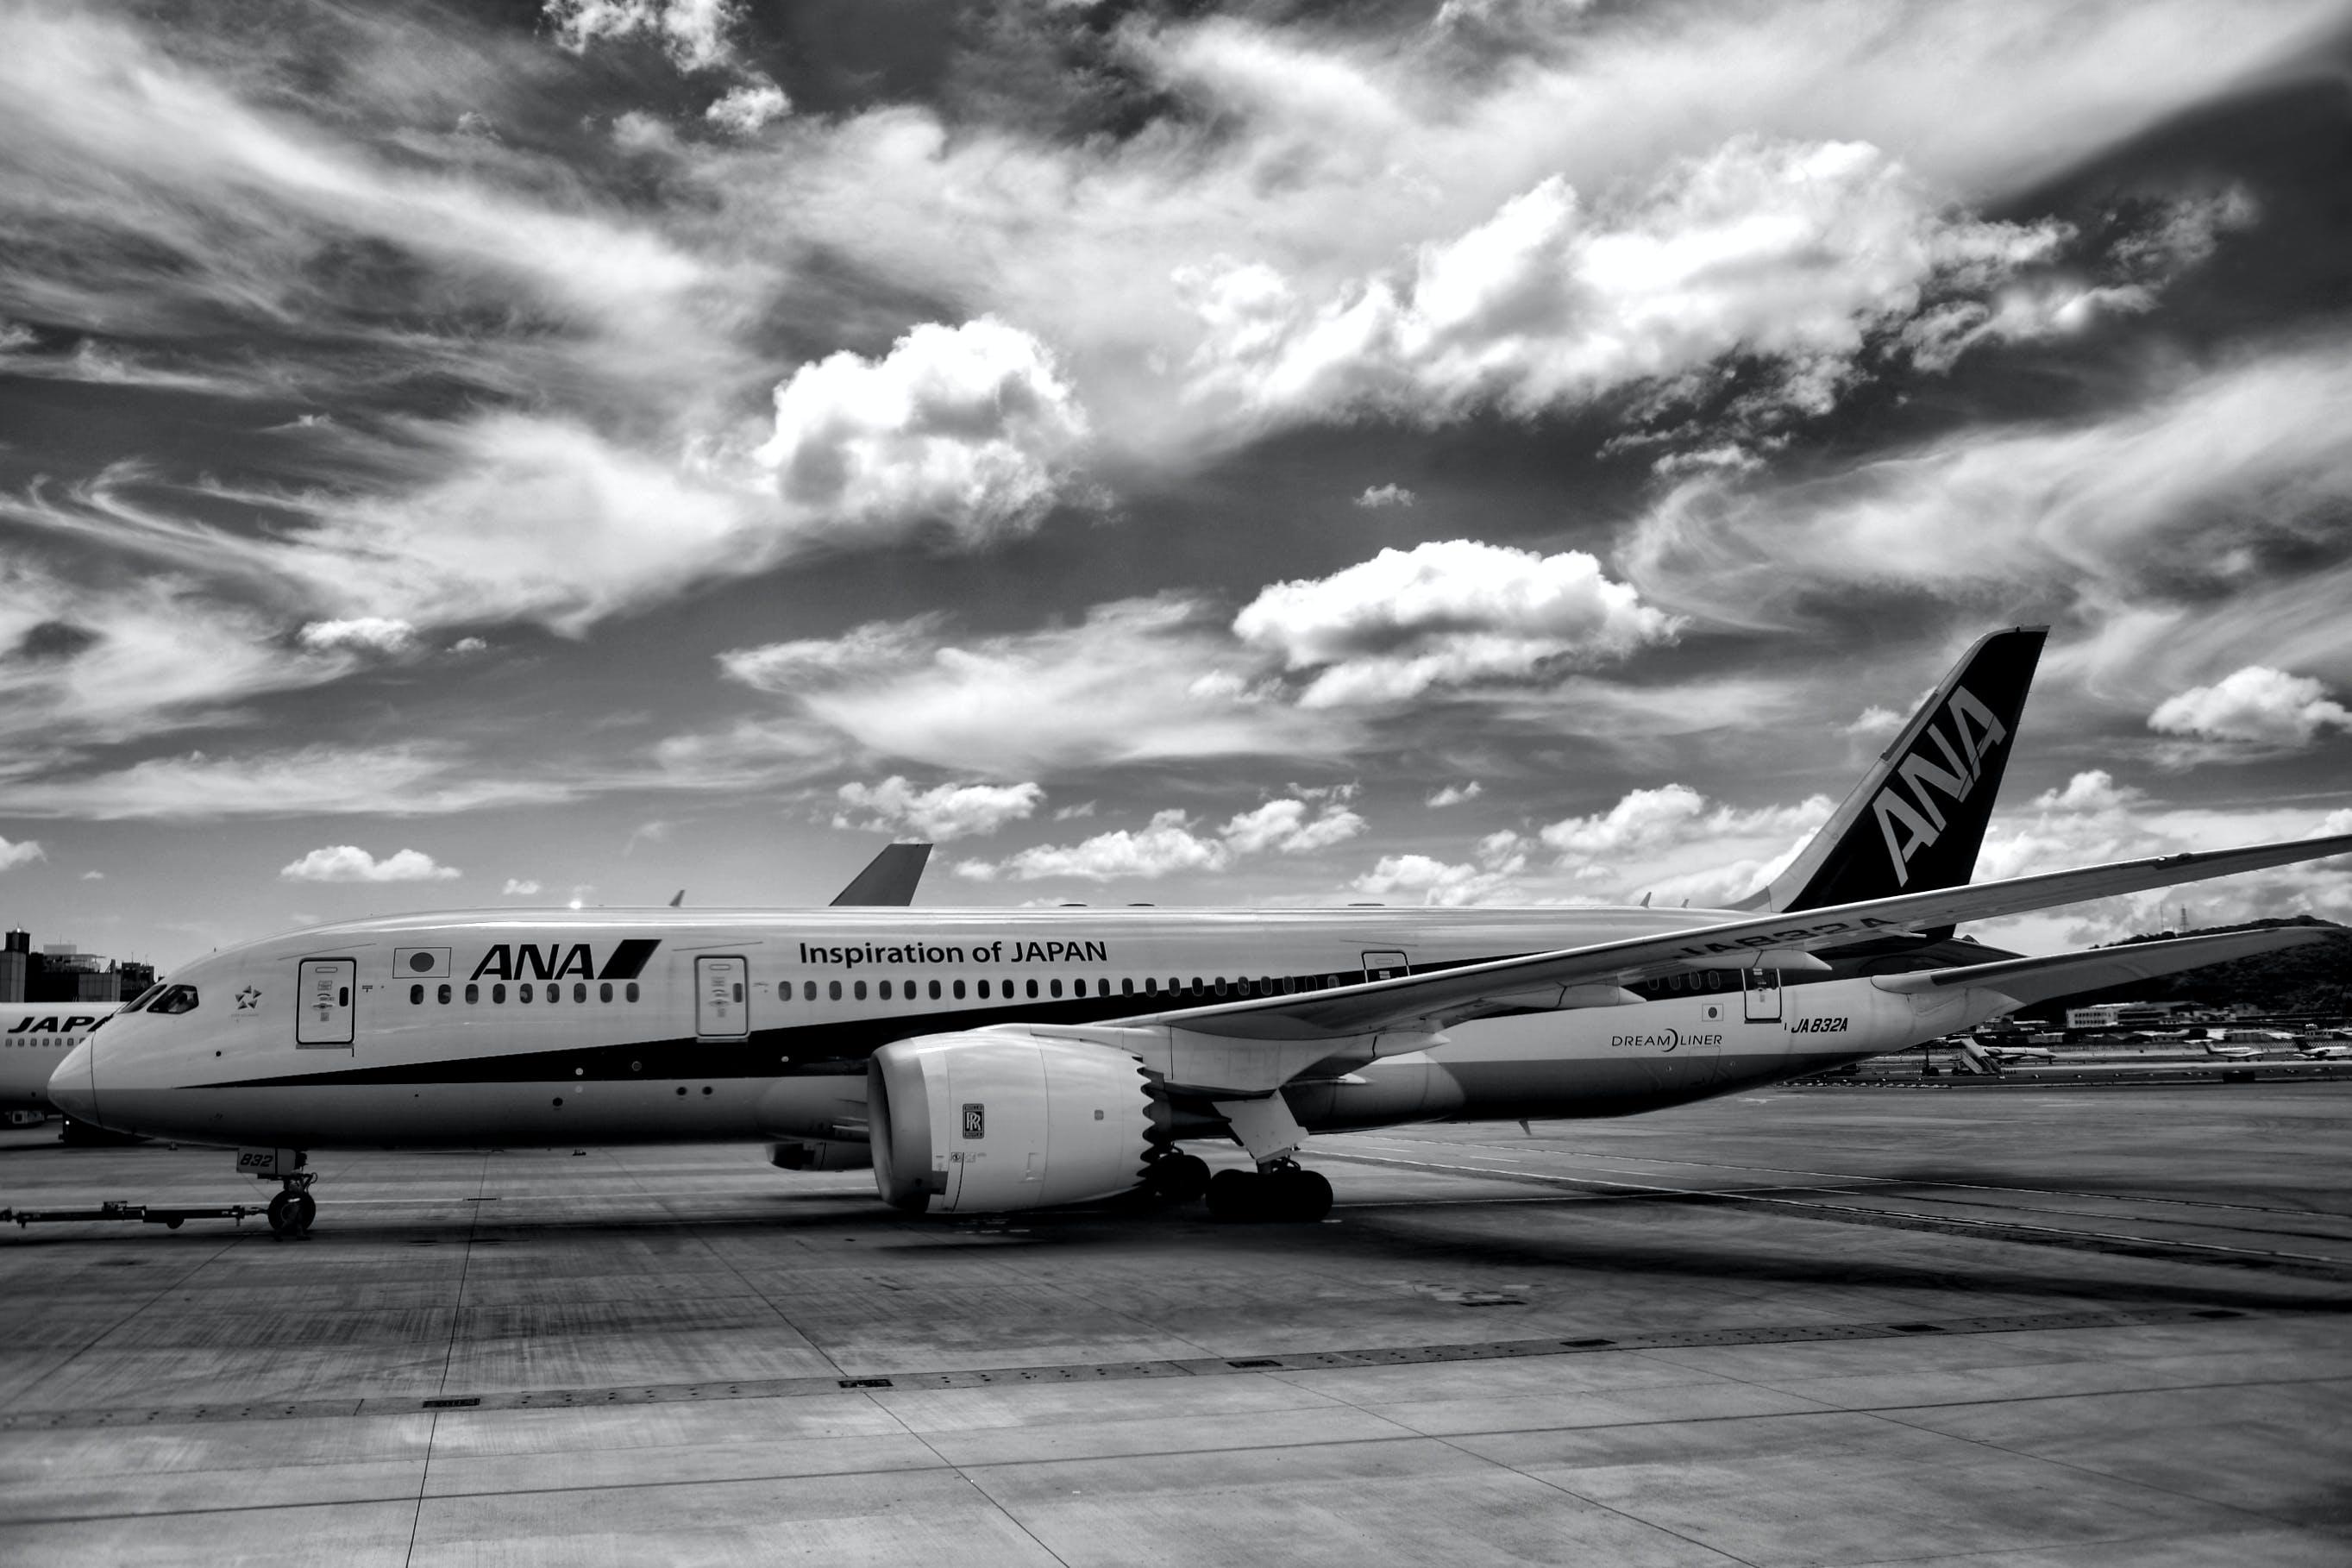 αεροδρόμιο, αεροπλάνο, αεροπλάνο γραμμής